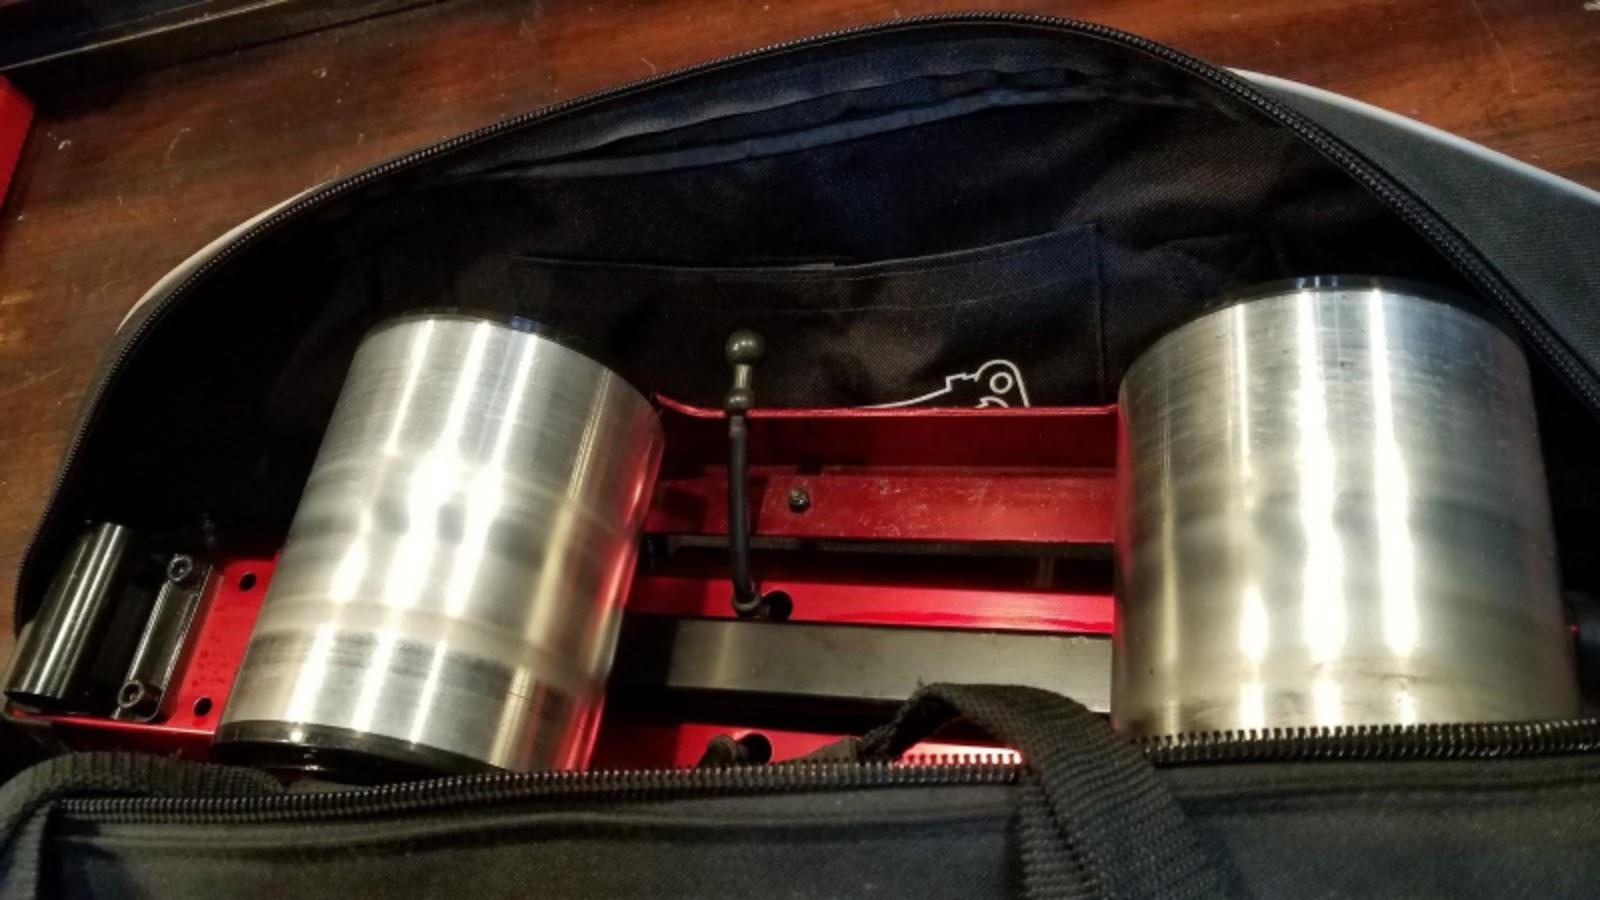 Omnium in bag